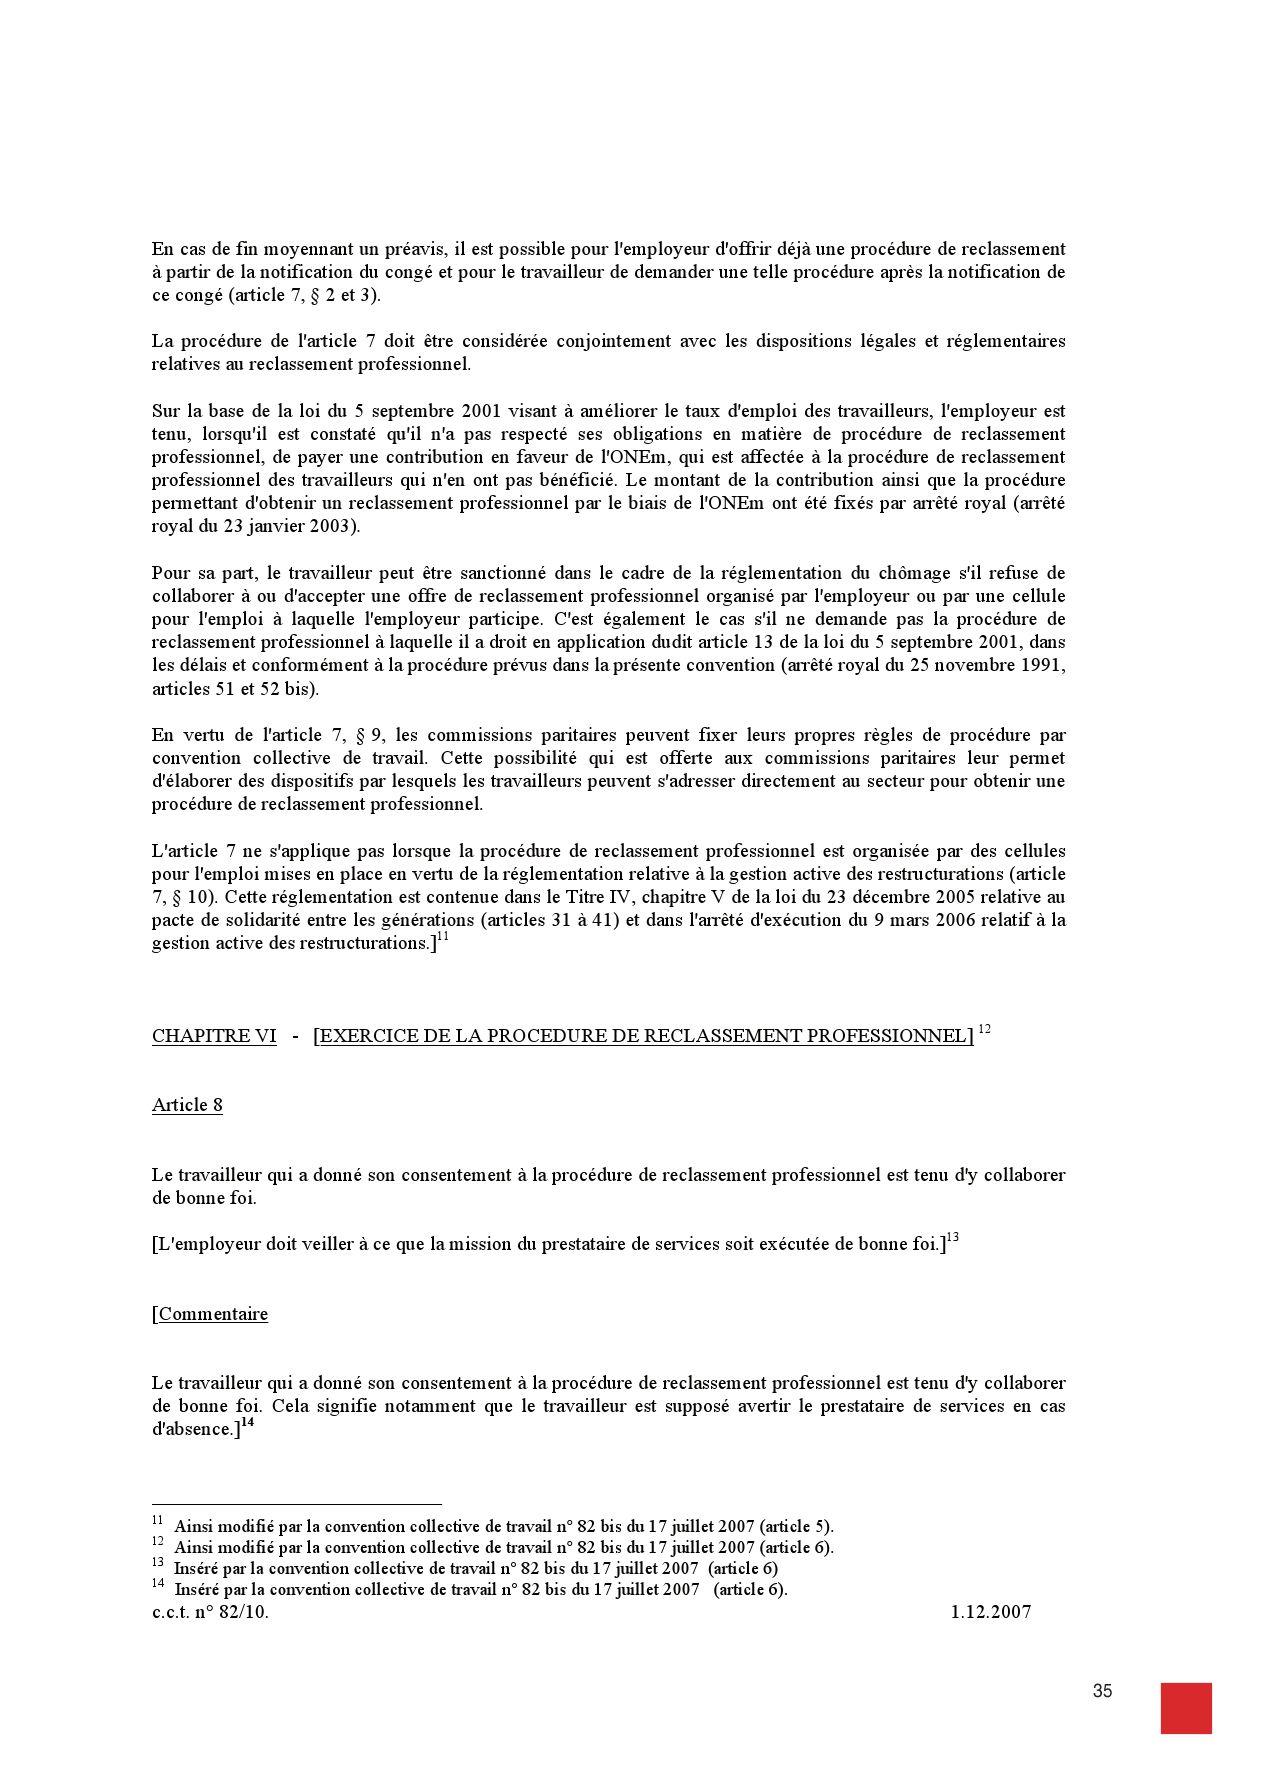 Outplacement Cct 82 Bis Et La Reglementation Depuis Le Pacte De